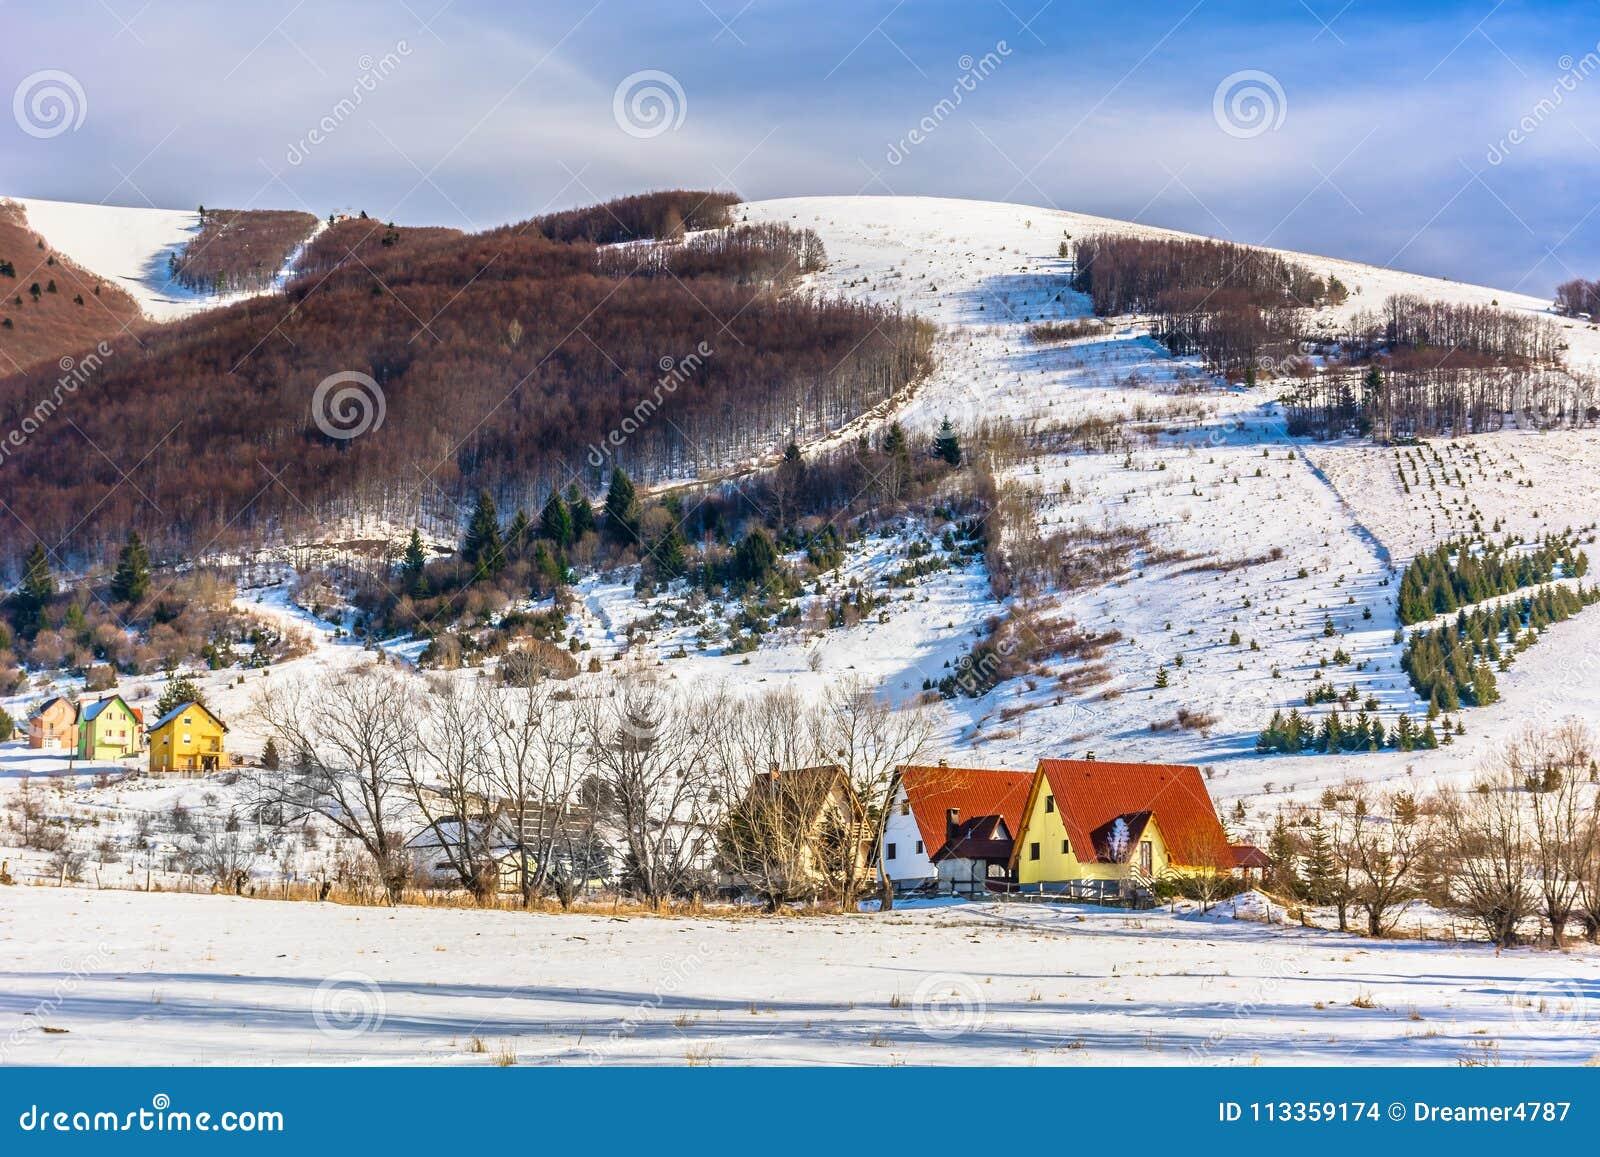 winter landscape in famous ski resort, kupres. stock photo - image